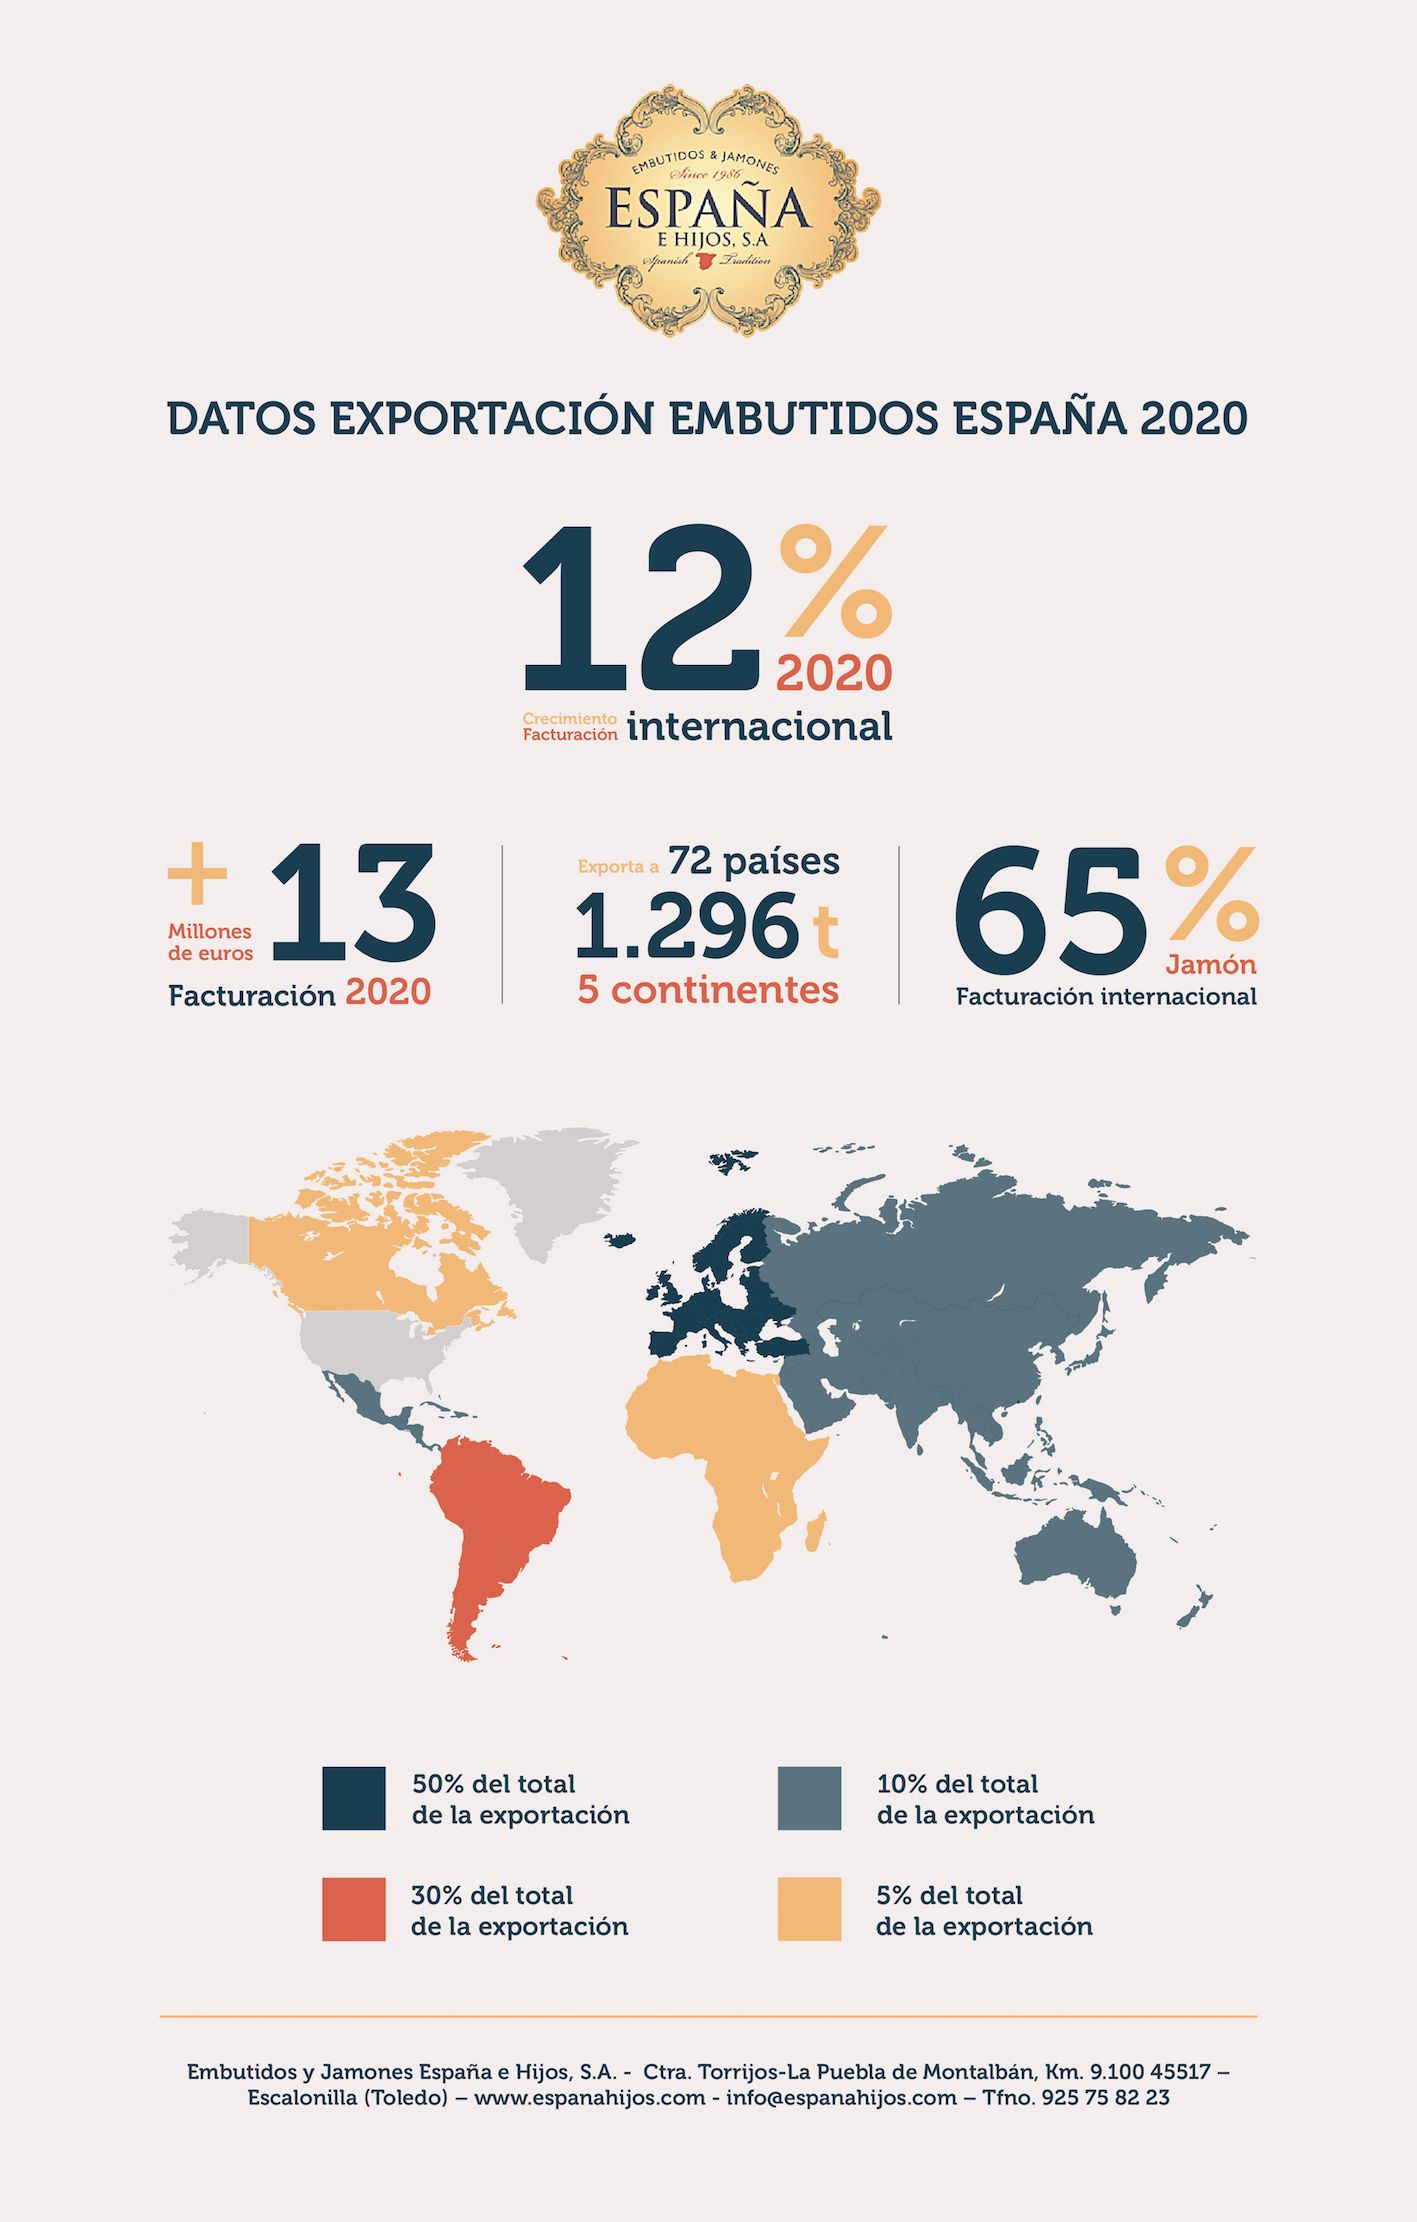 Embutidos España exporta por valor de más de 13 millones